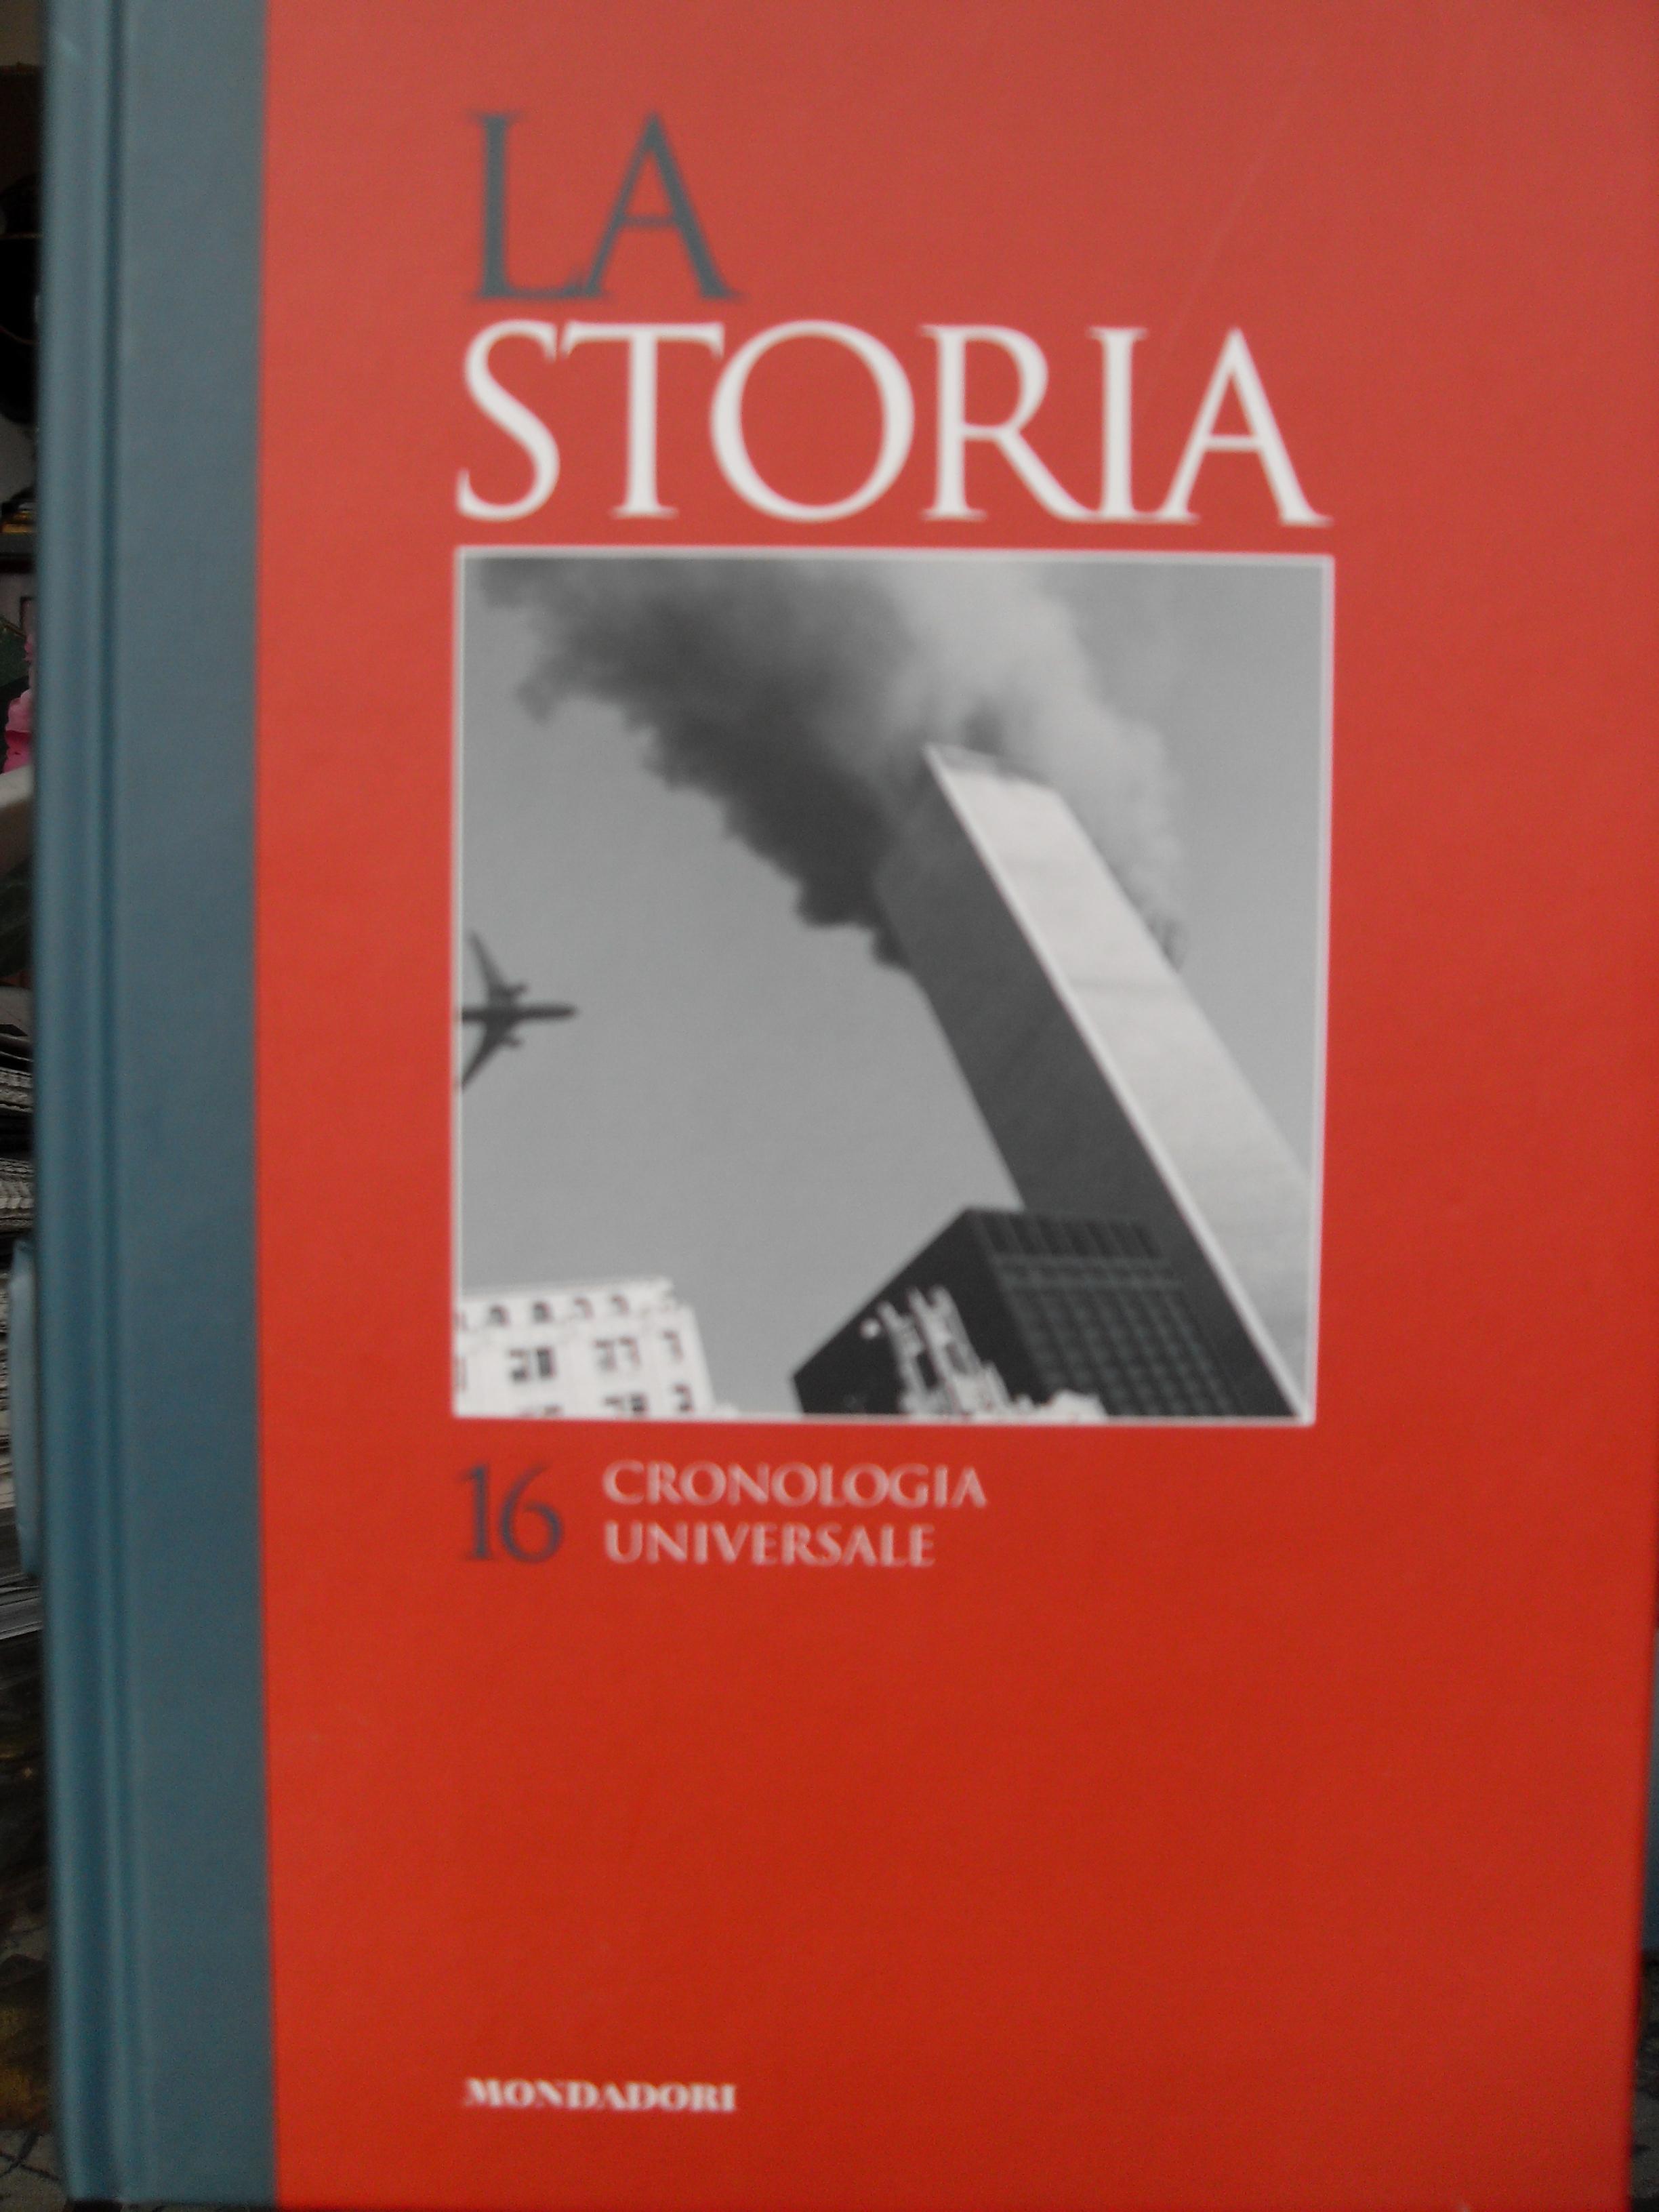 La Storia vol. 16